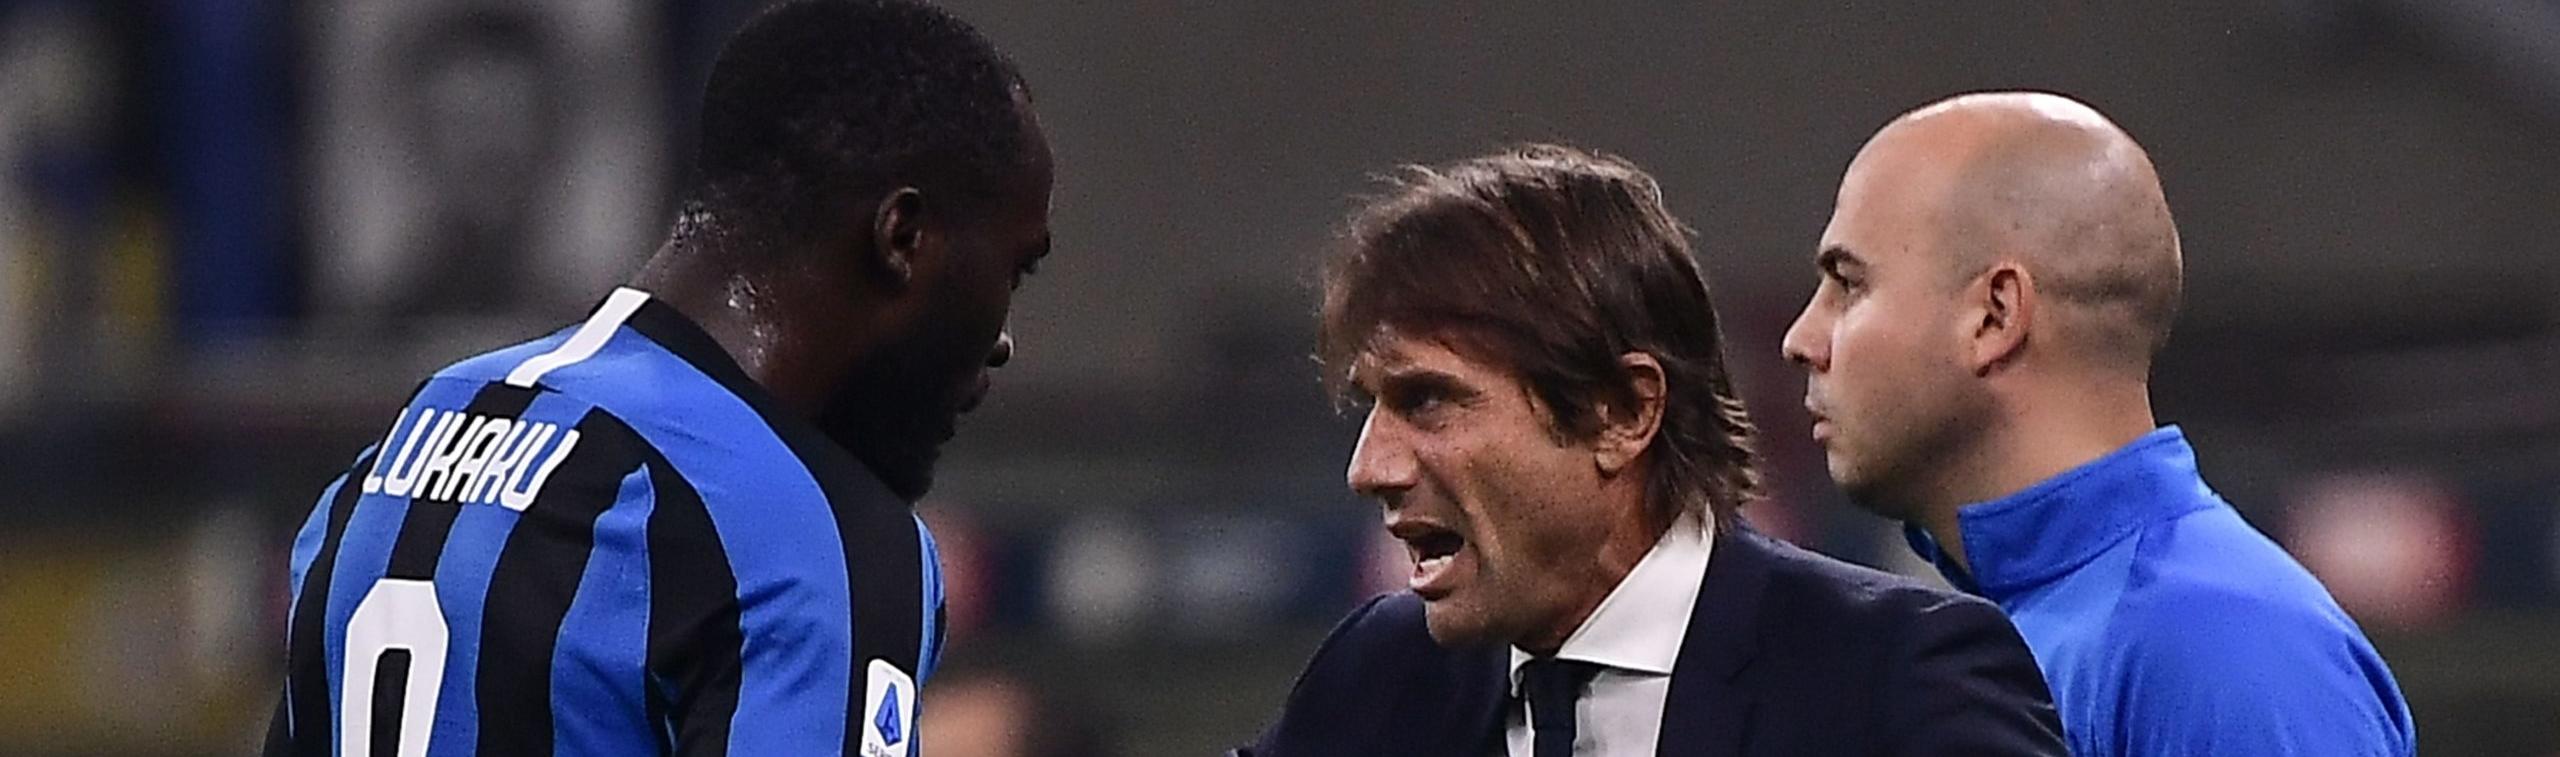 Pronostico Inter-Juventus: Lukaku contro CR7, un pezzo di Scudetto in palio a San Siro